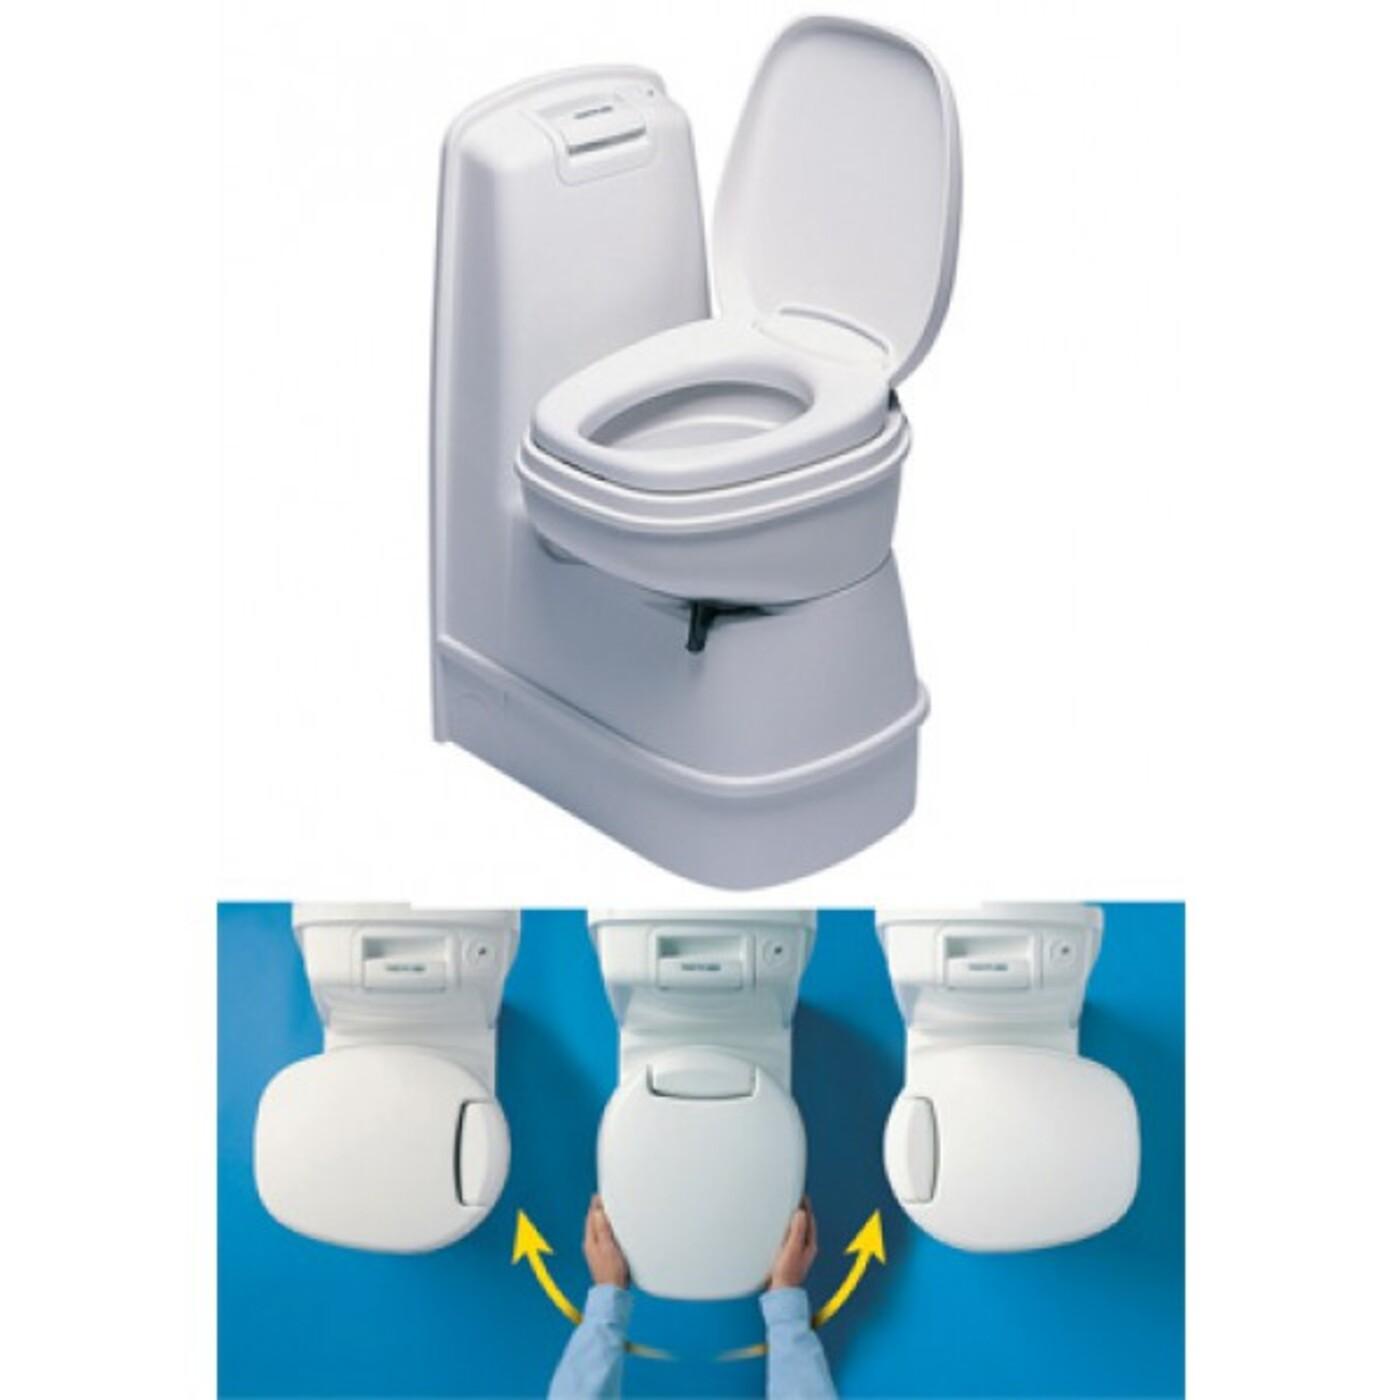 Thetford C200 Cassette Toilet Repair